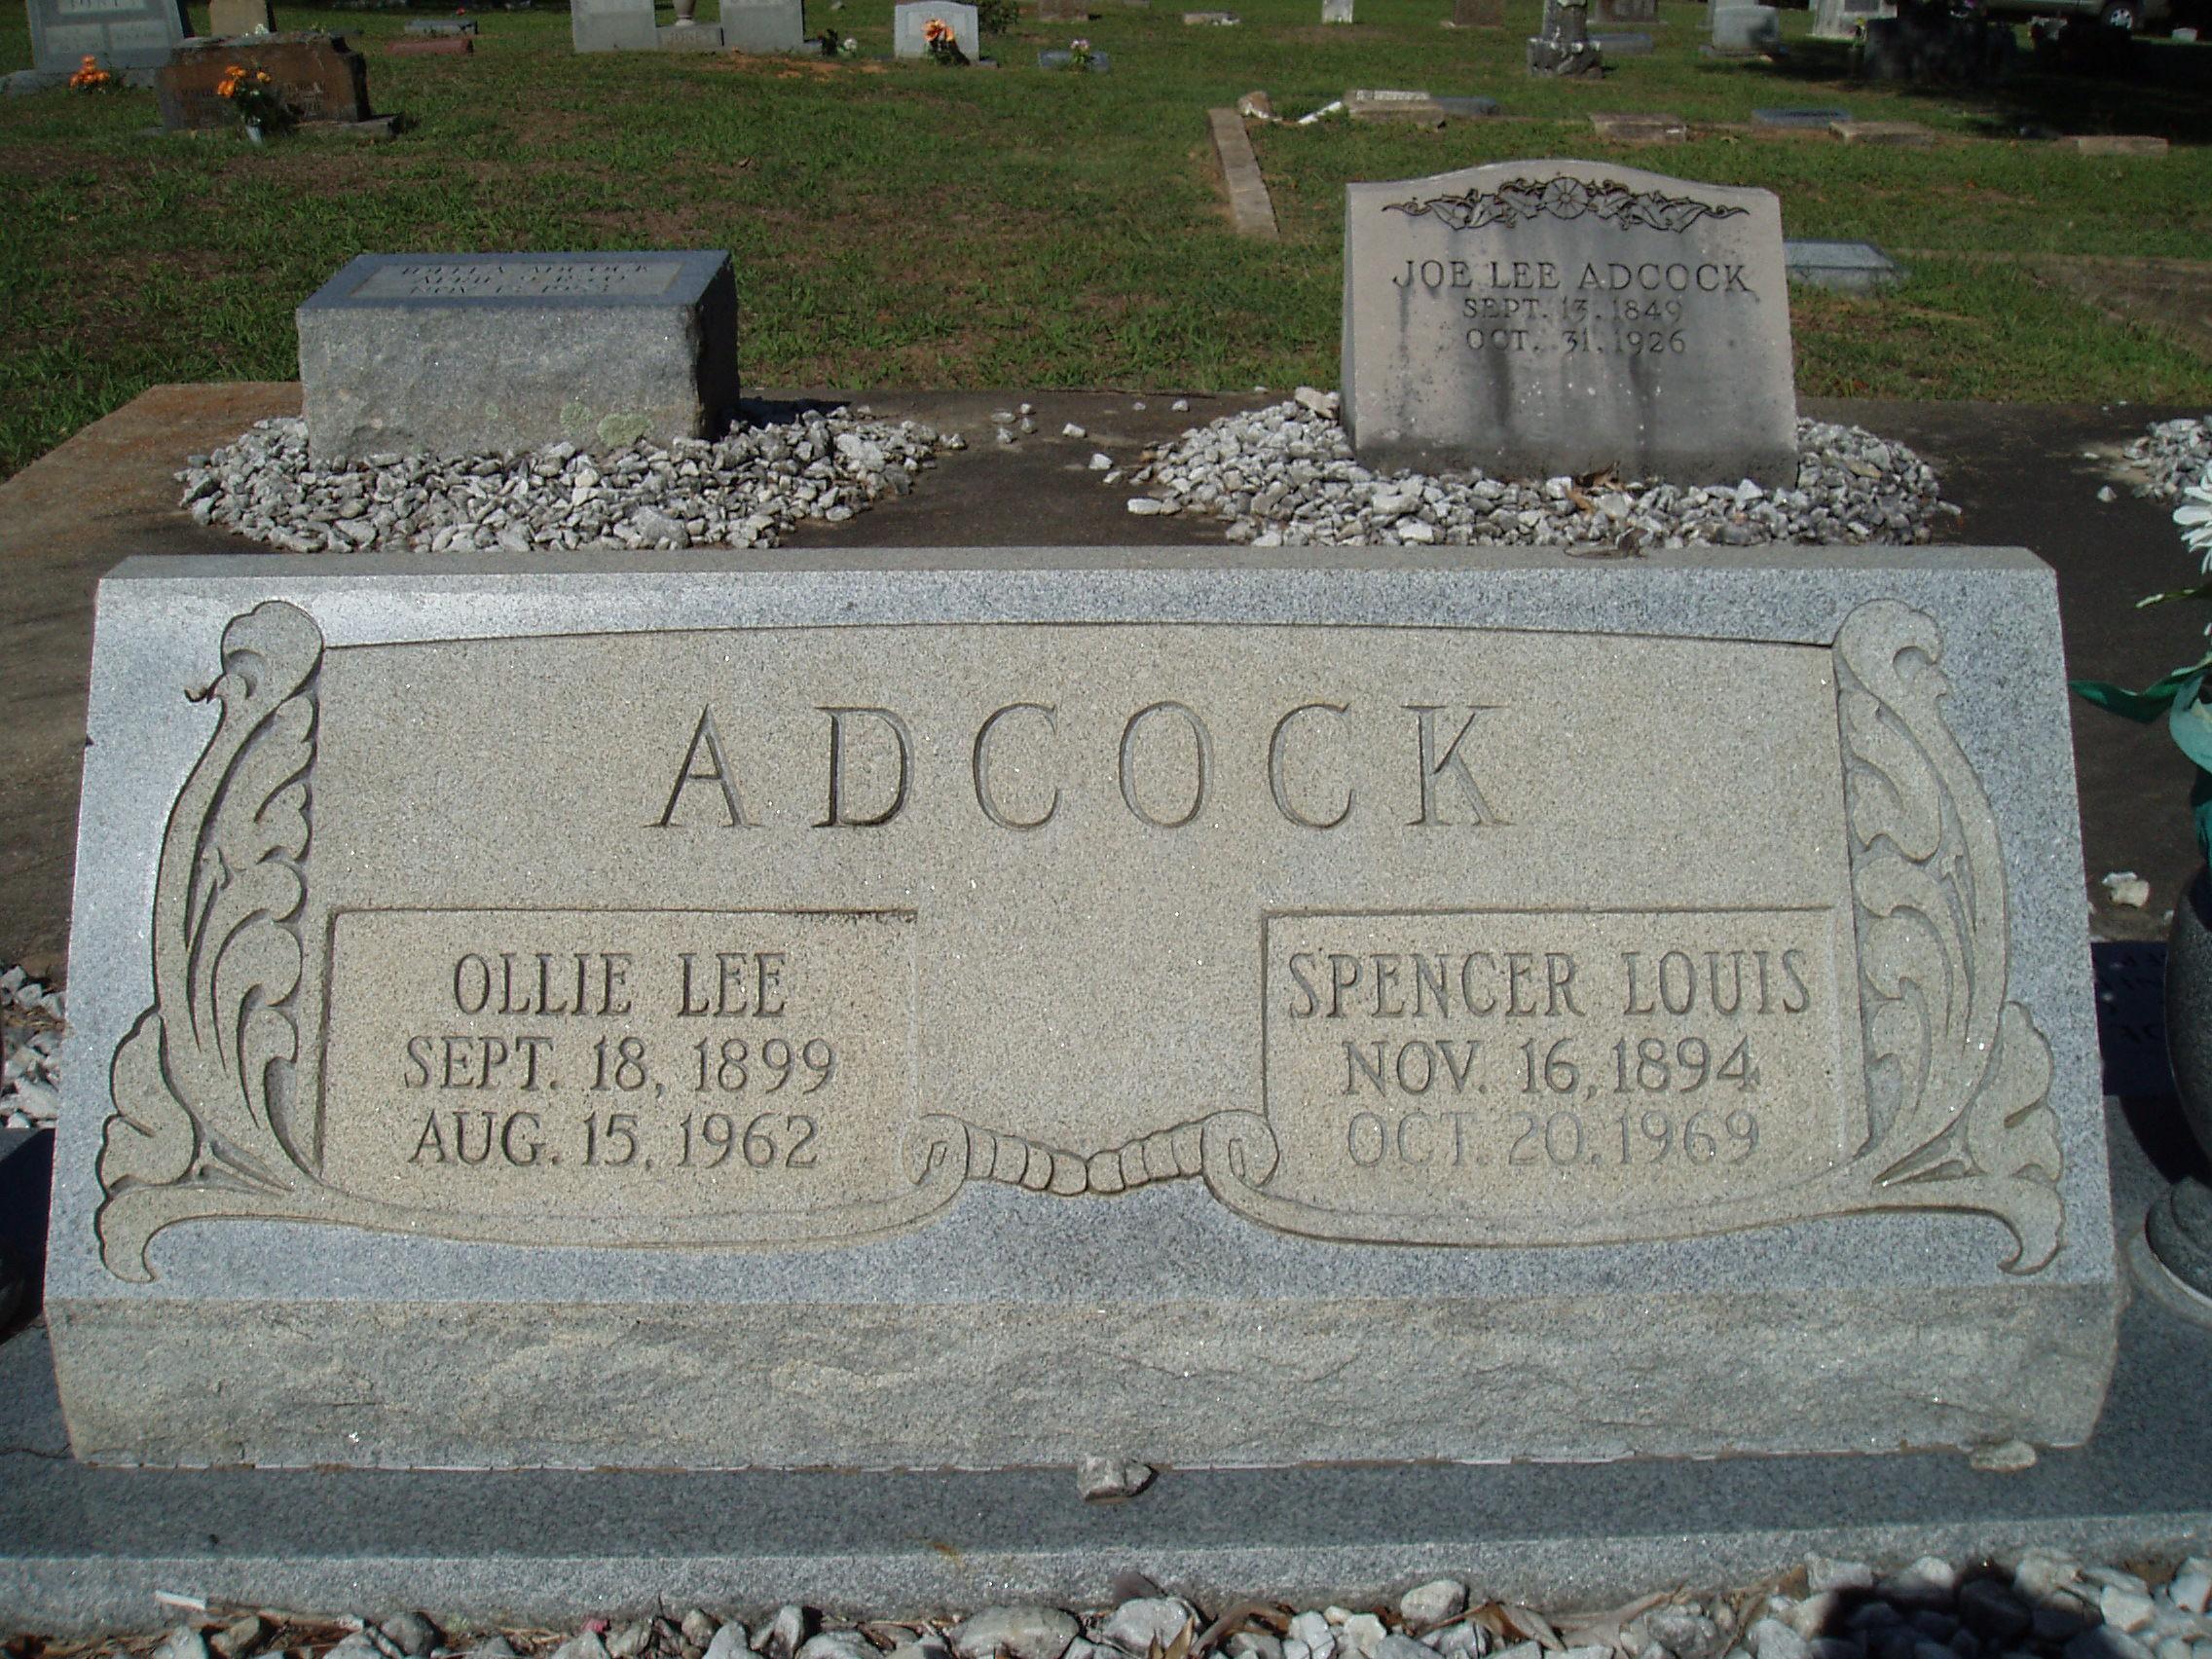 Louis Adcock